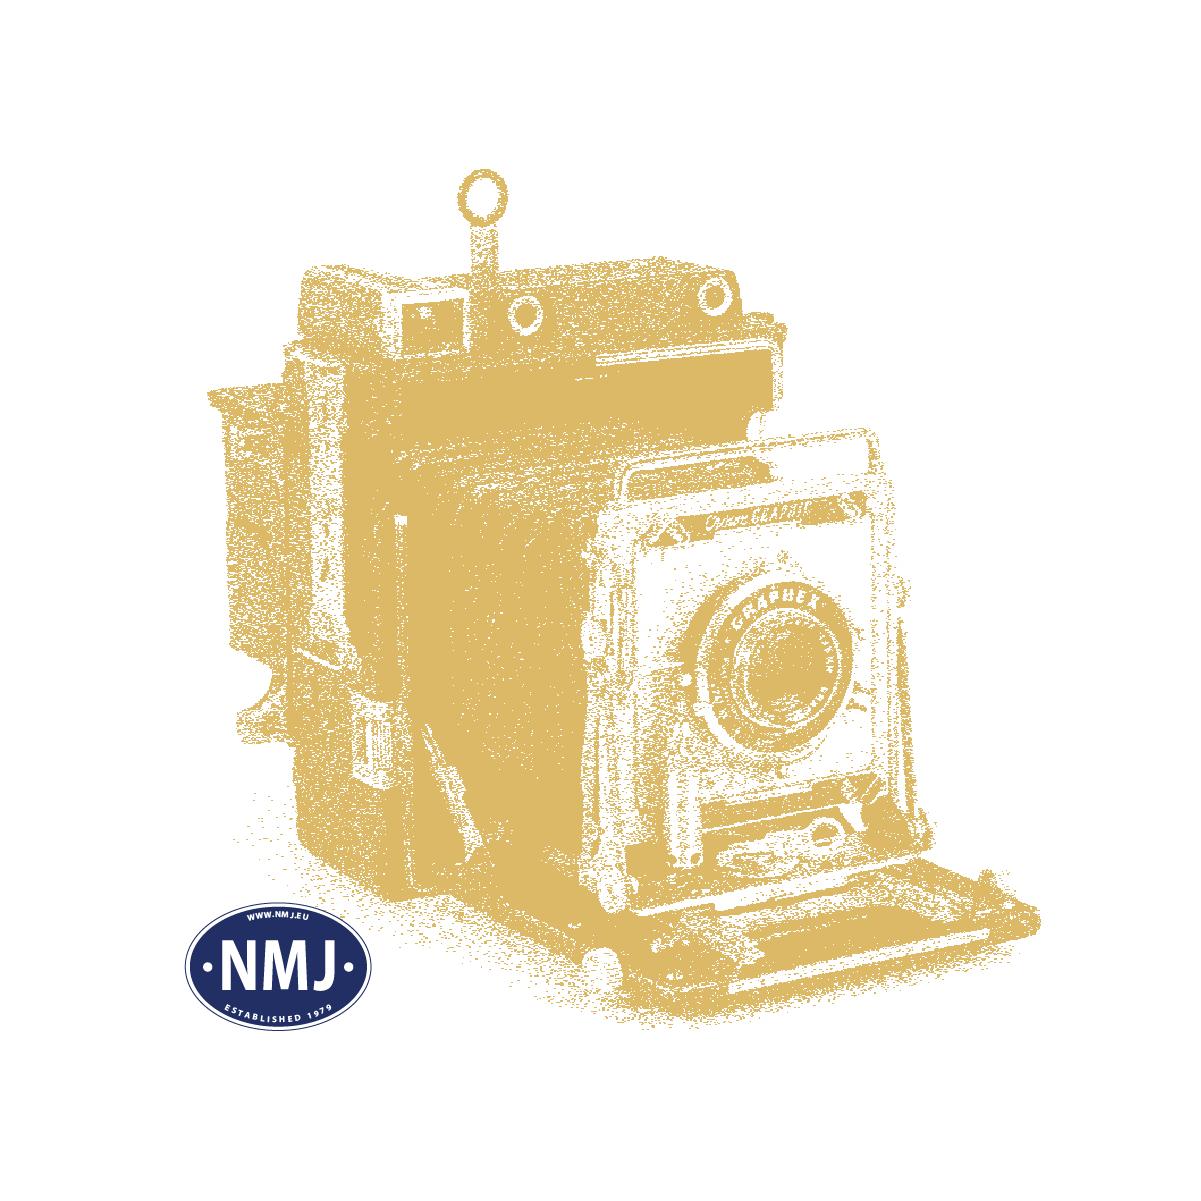 NMJ0T4-2 - NMJ Superline Modell des Rungenwagens Kbmp 2176 312 7601-1 der NSB, Spur 0